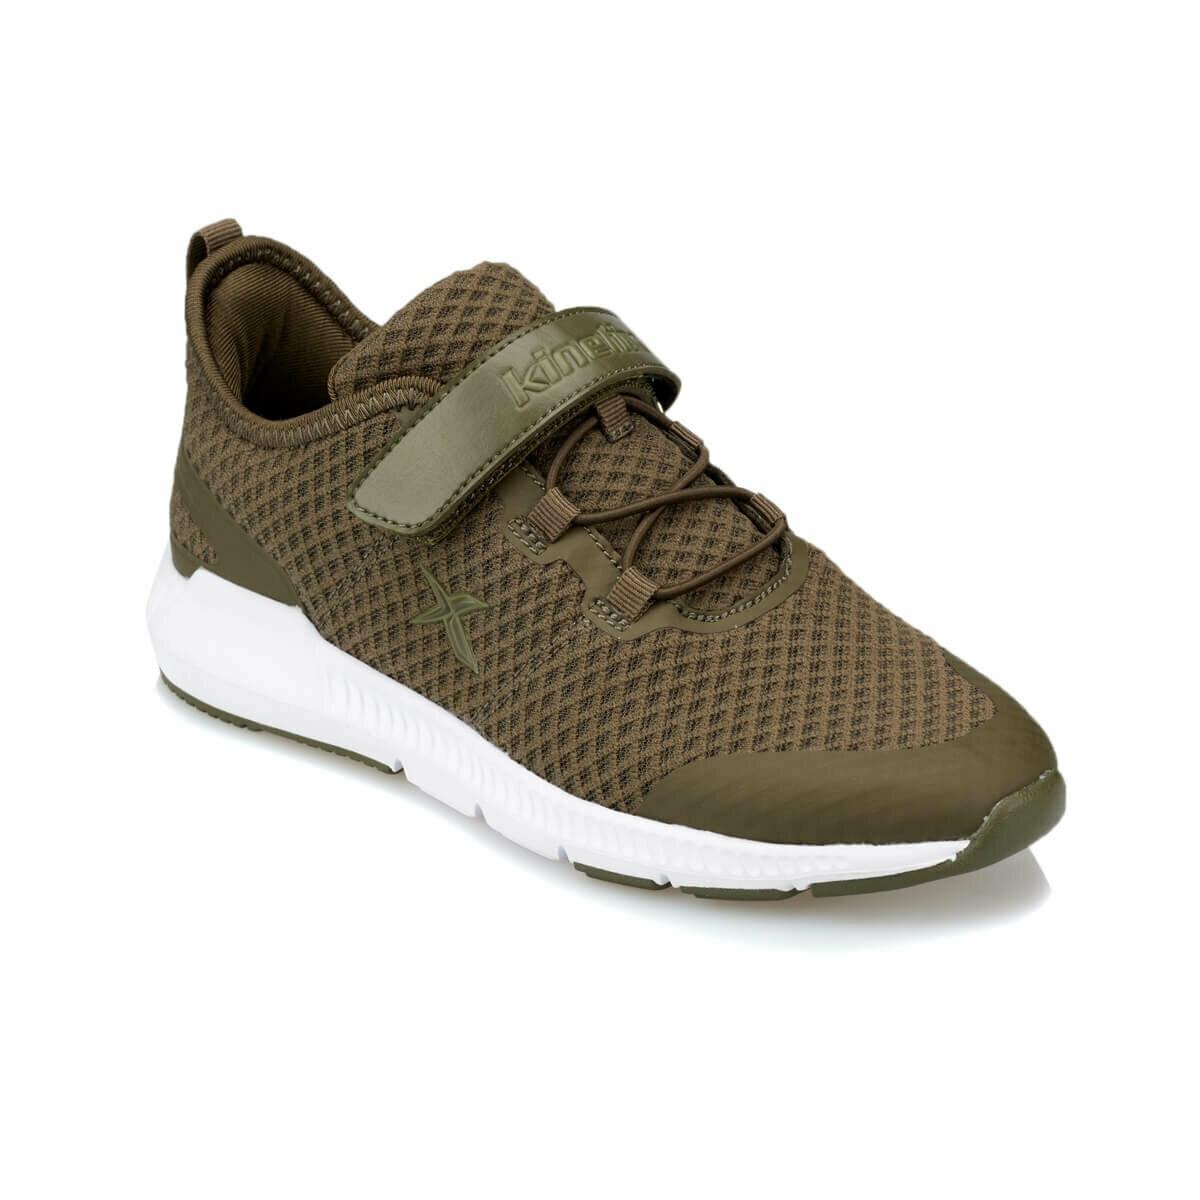 FLO GIMLET Navy Blue Male Child Hiking Shoes KINETIX